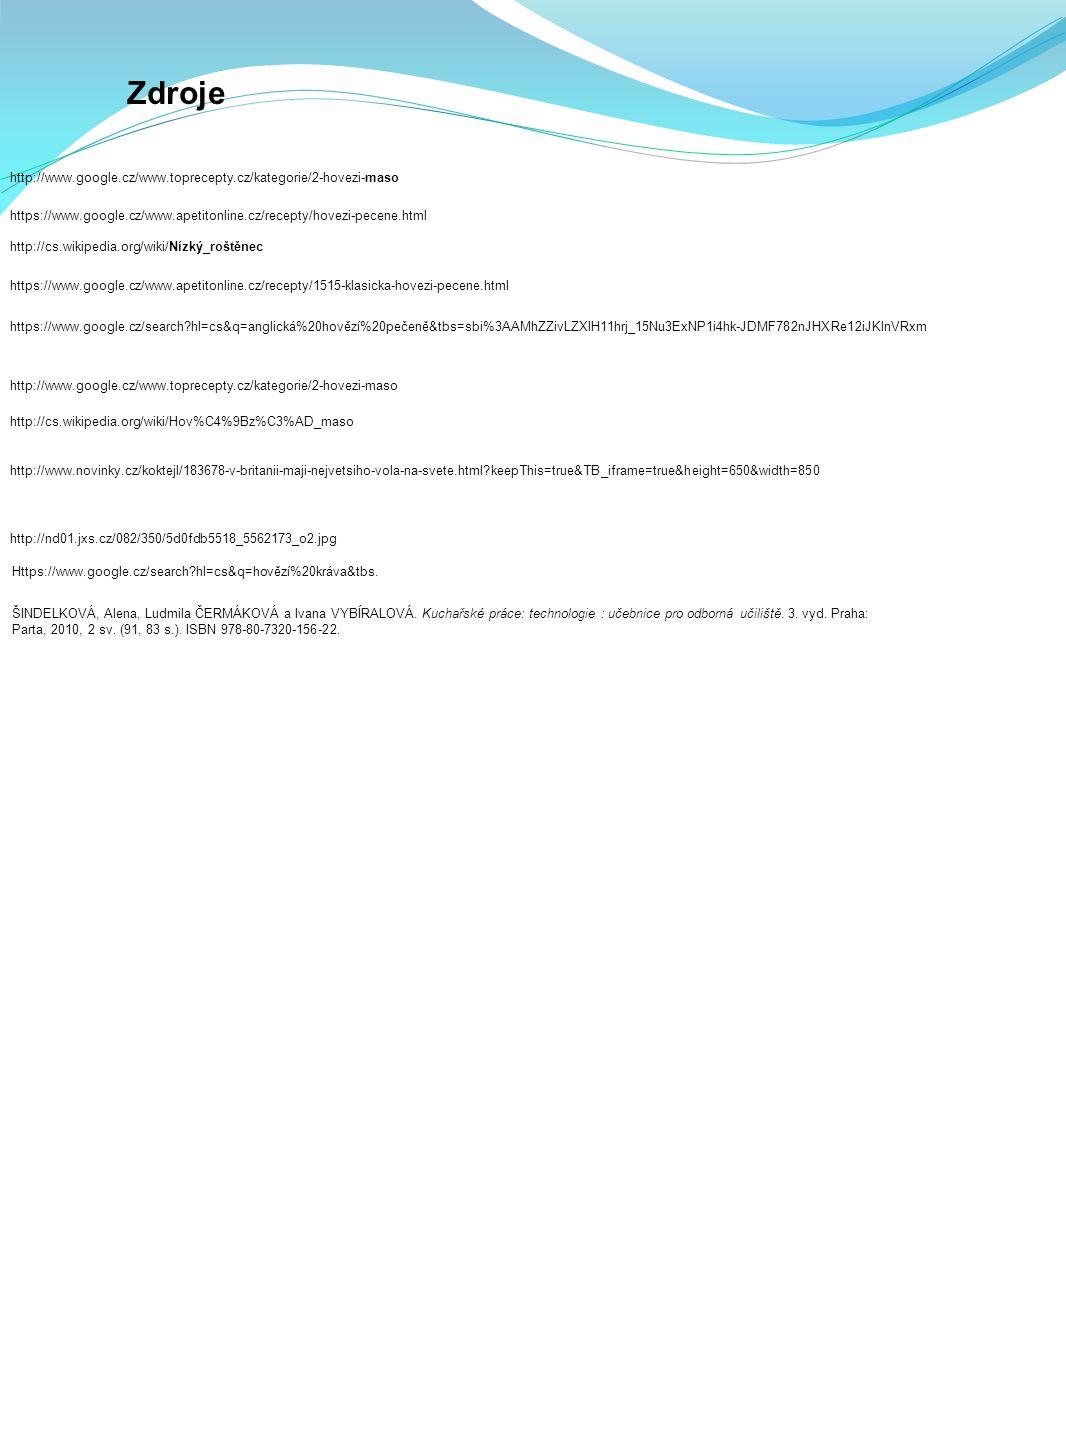 Zdroje http://www.google.cz/www.toprecepty.cz/kategorie/2-hovezi-maso https://www.google.cz/www.apetitonline.cz/recepty/hovezi-pecene.html http://cs.wikipedia.org/wiki/Nízký_roštěnec https://www.google.cz/www.apetitonline.cz/recepty/1515-klasicka-hovezi-pecene.html https://www.google.cz/search?hl=cs&q=anglická%20hovězí%20pečeně&tbs=sbi%3AAMhZZivLZXlH11hrj_15Nu3ExNP1i4hk-JDMF782nJHXRe12iJKlnVRxm http://www.google.cz/www.toprecepty.cz/kategorie/2-hovezi-maso http://cs.wikipedia.org/wiki/Hov%C4%9Bz%C3%AD_maso http://www.novinky.cz/koktejl/183678-v-britanii-maji-nejvetsiho-vola-na-svete.html?keepThis=true&TB_iframe=true&height=650&width=850 http://nd01.jxs.cz/082/350/5d0fdb5518_5562173_o2.jpg Https://www.google.cz/search?hl=cs&q=hovězí%20kráva&tbs.